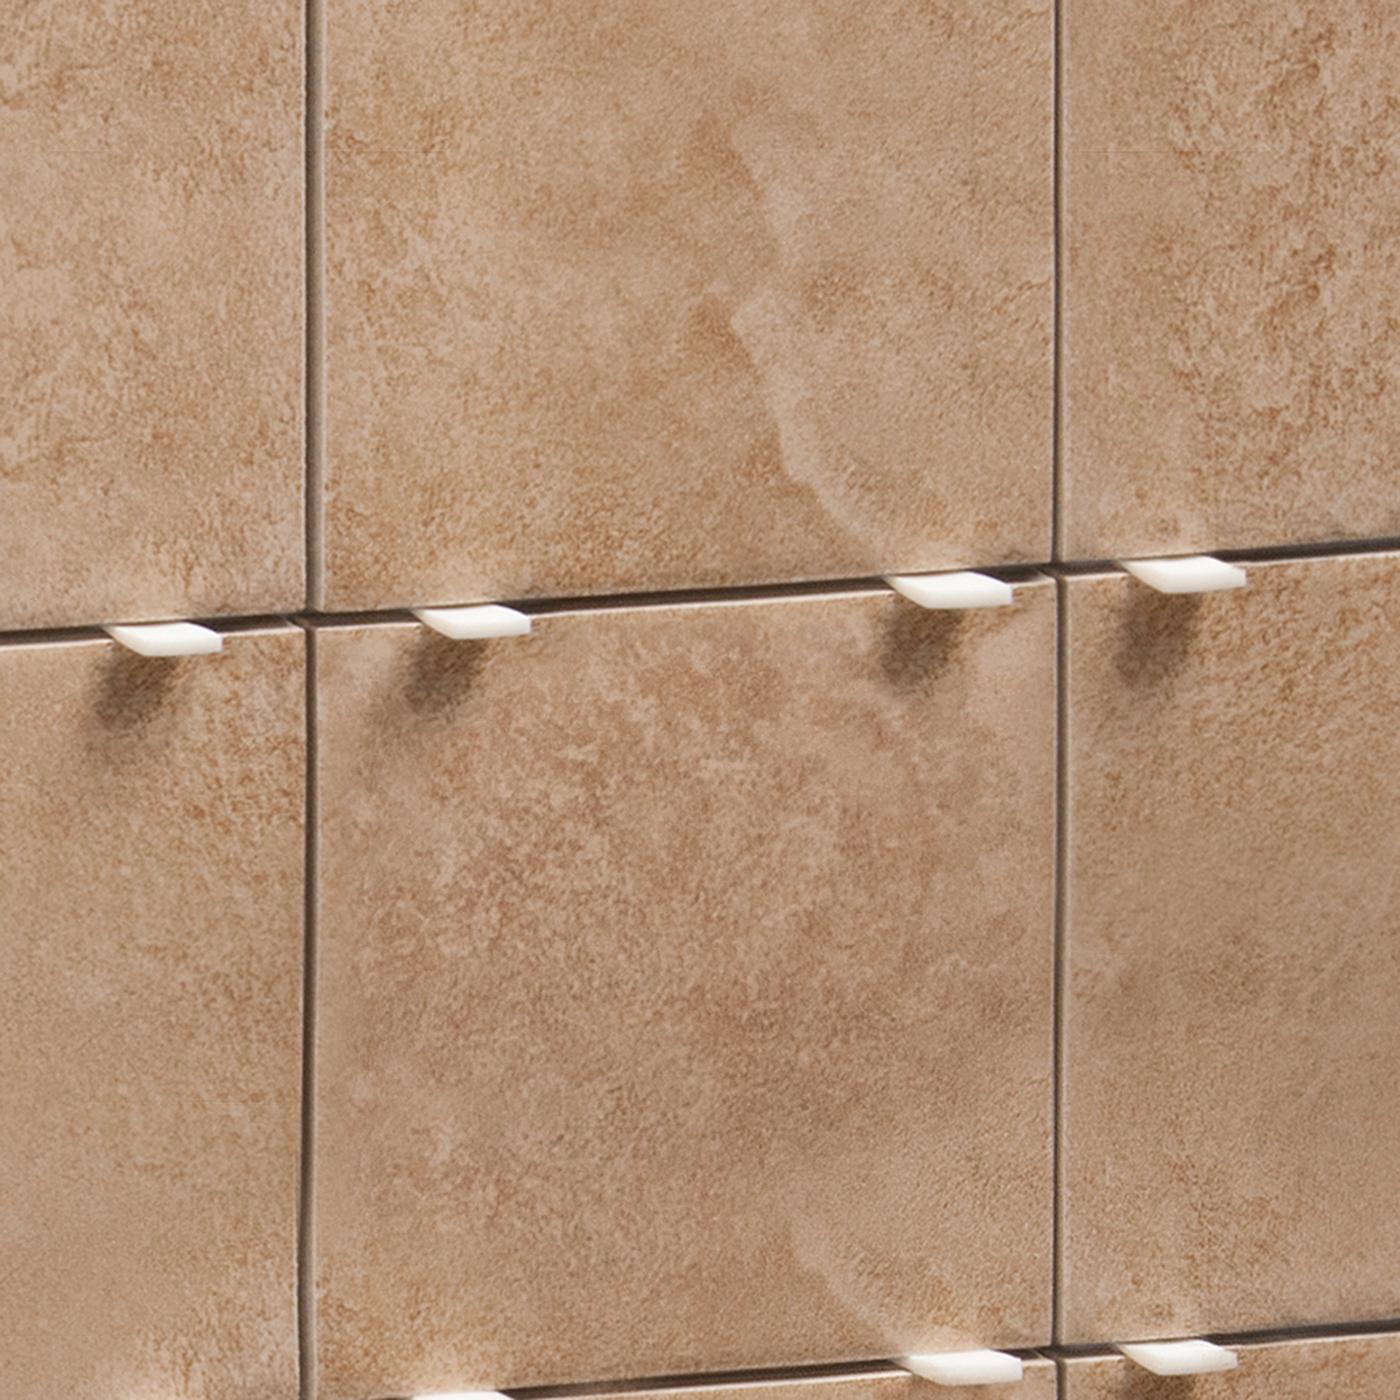 Wedge Tile Spacers